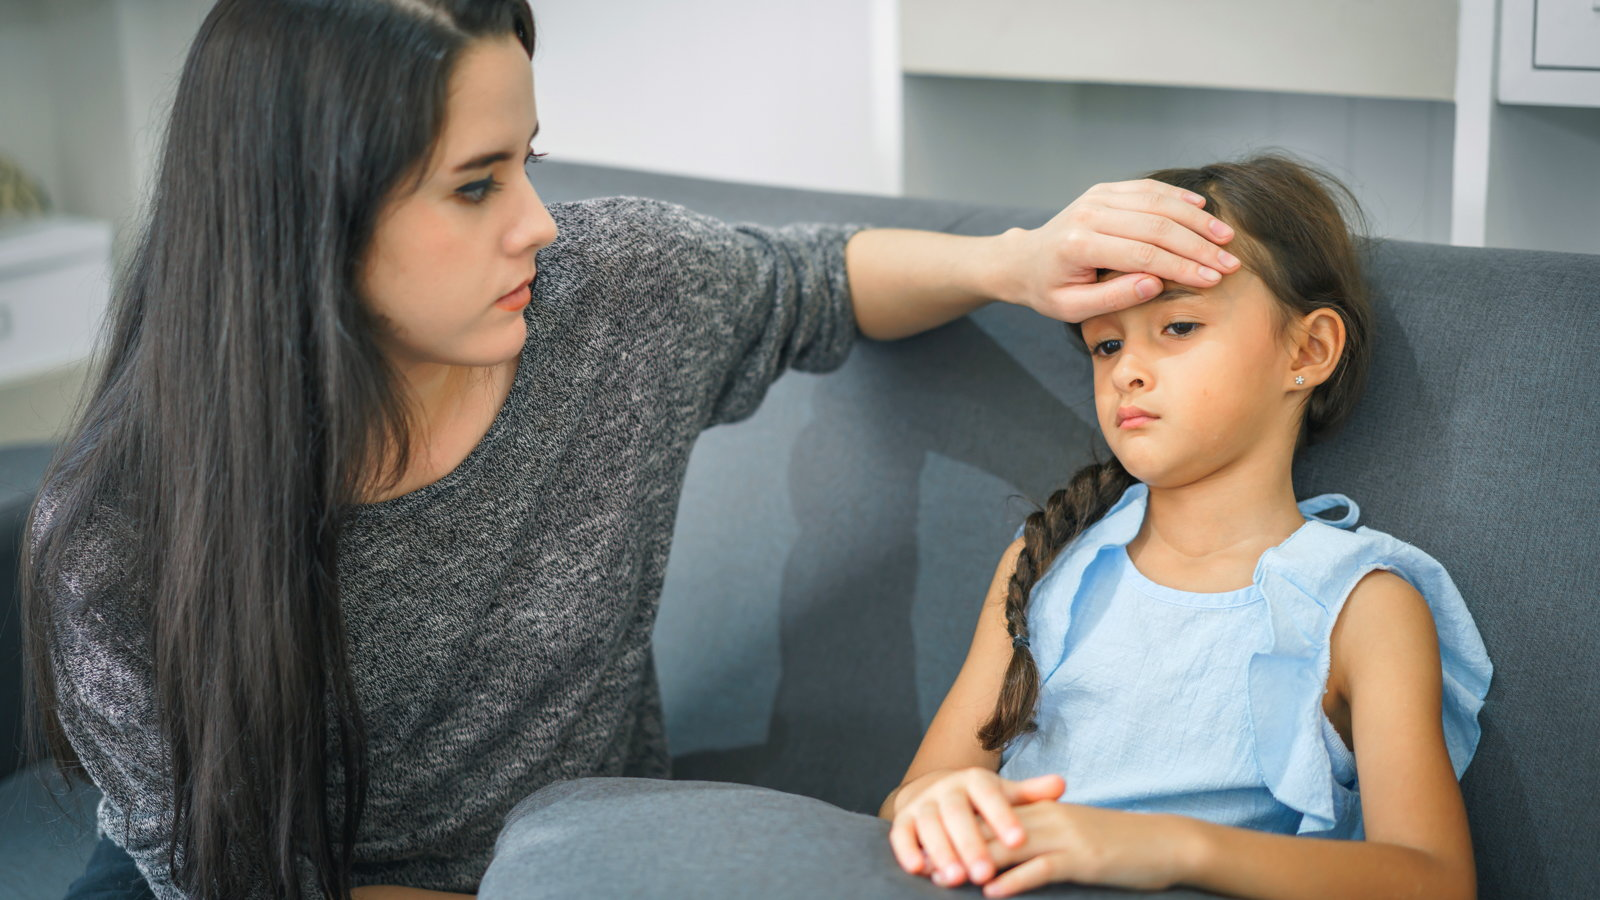 mom feeling sick child's forehead for fever